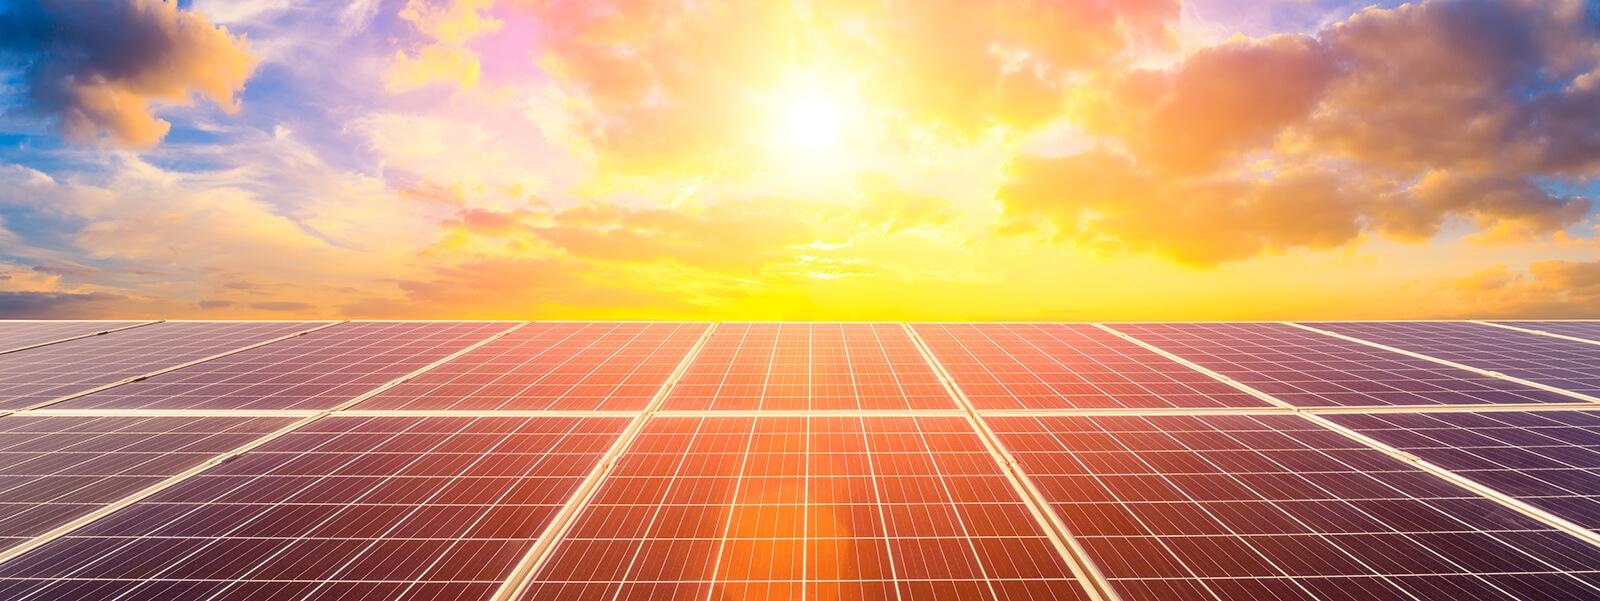 Solaranlagen Sonnenuntergang